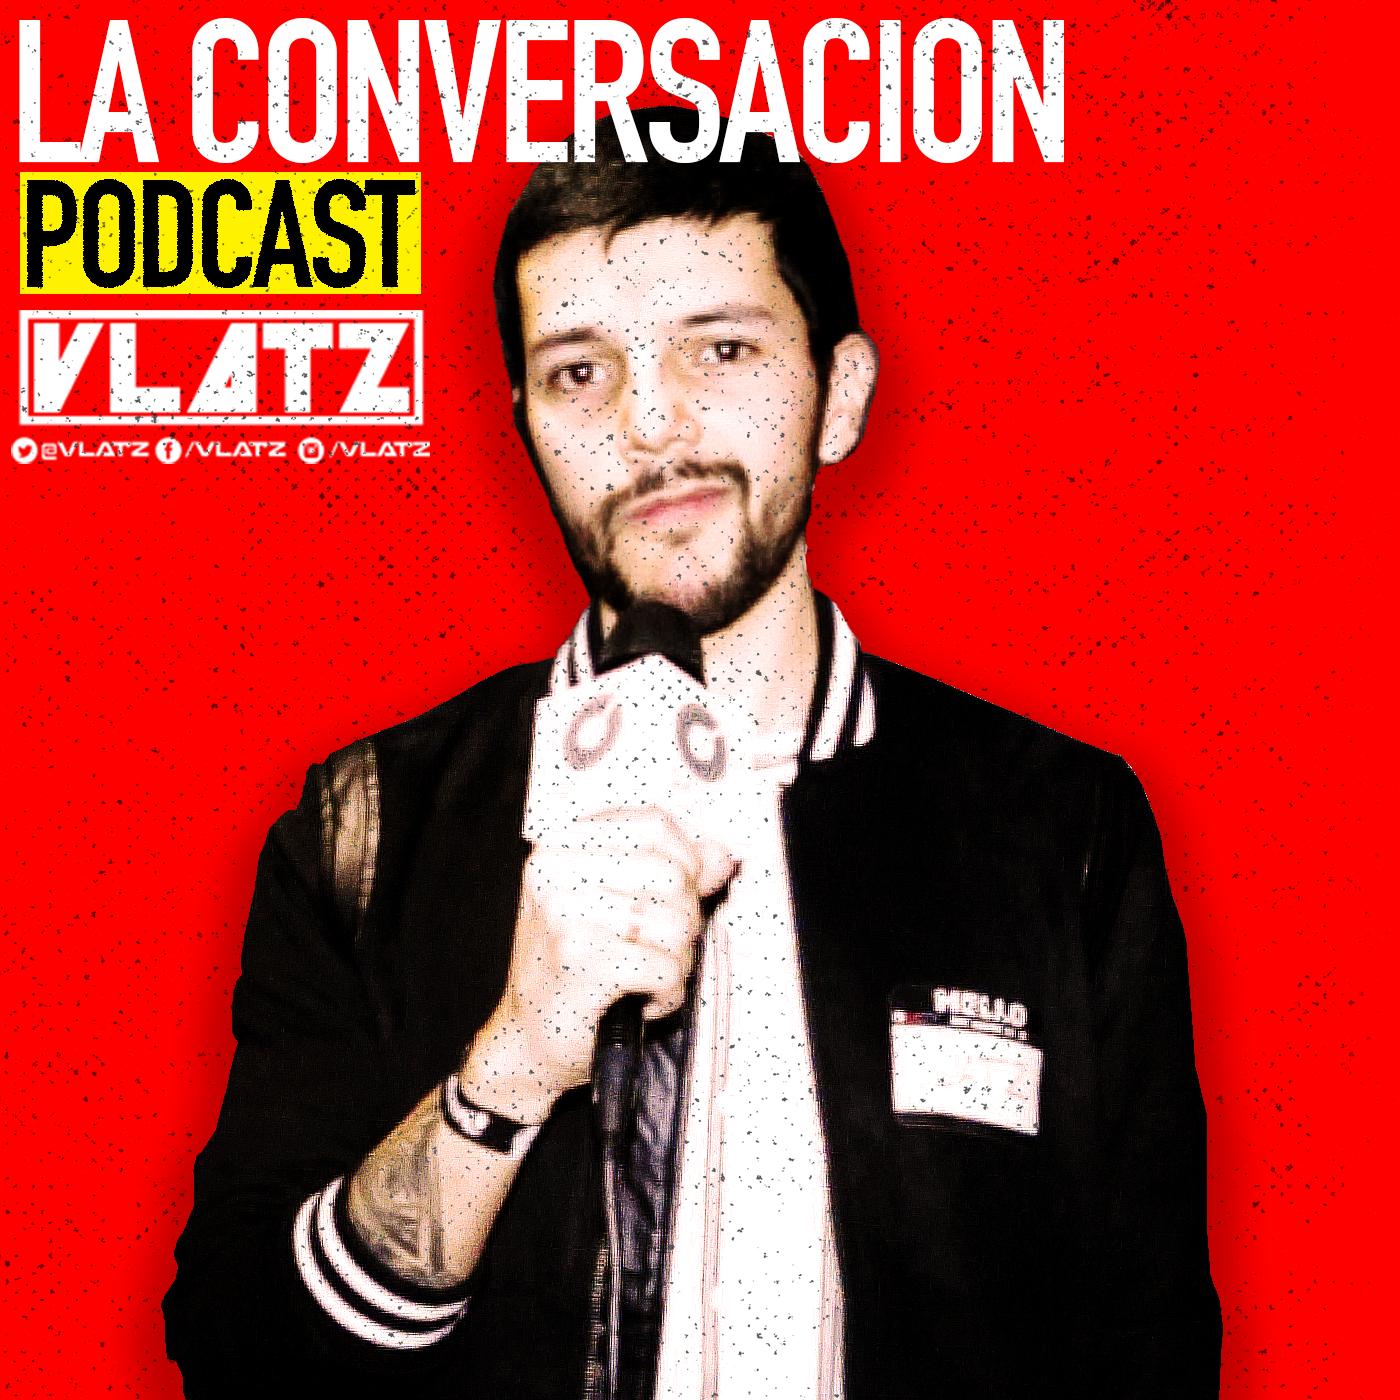 La Conversación Podcast (VLATZ) Image